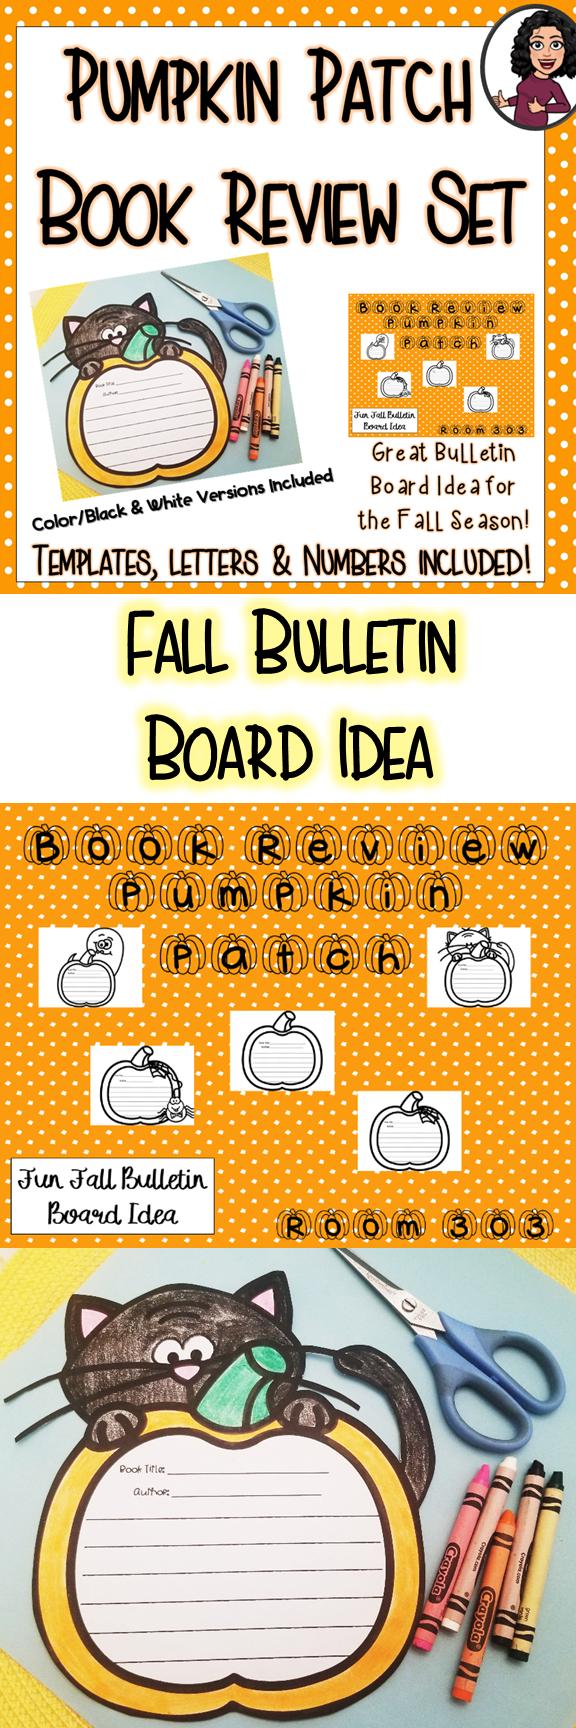 Pumpkin Patch Fall Themed Book Review Bulletin Board Set #pumpkinpatchbulletinboard